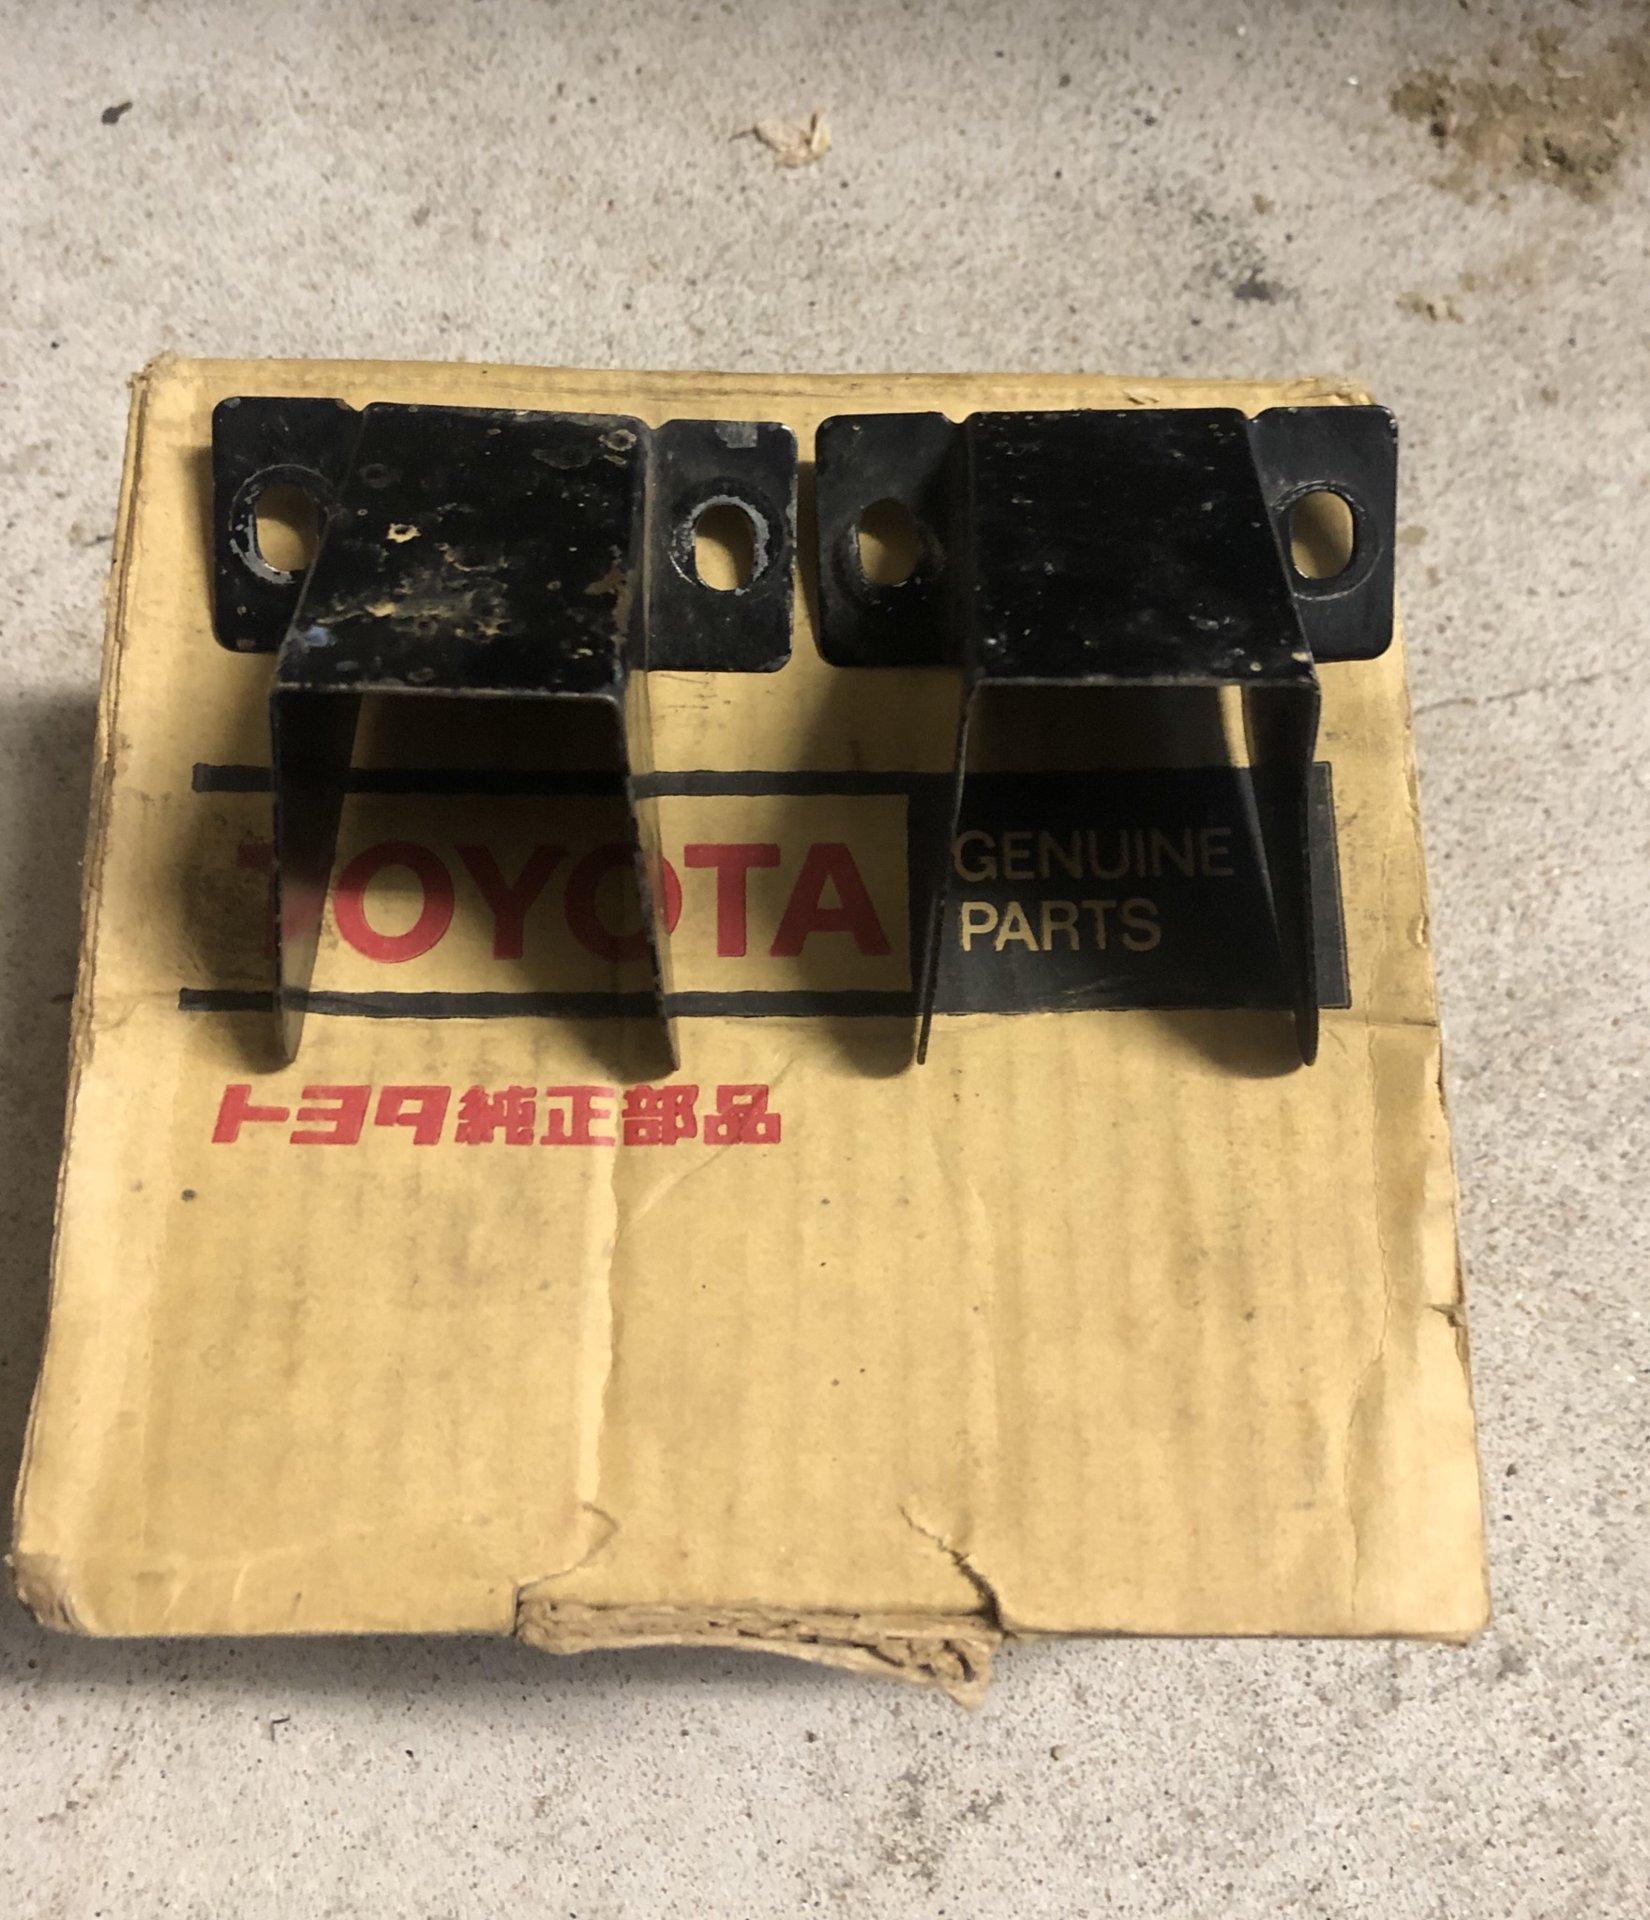 4AEF2CE6-04A8-40E3-B605-00502ED8F240.jpeg